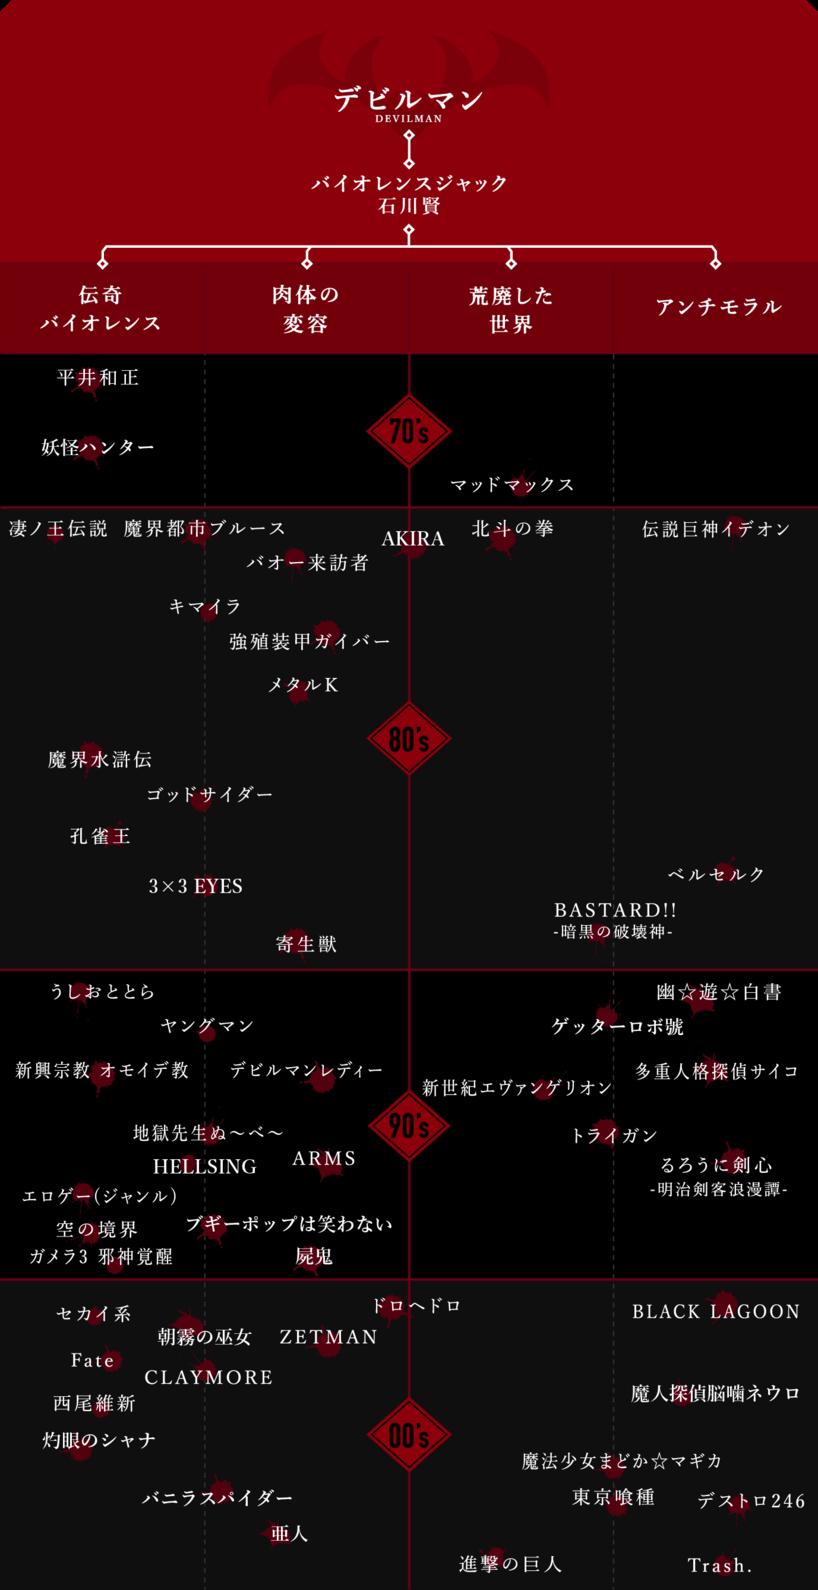 今回作成した系譜図 ※作品は10年区切りで並べたもので、すべて時系列で並んでいるわけではない